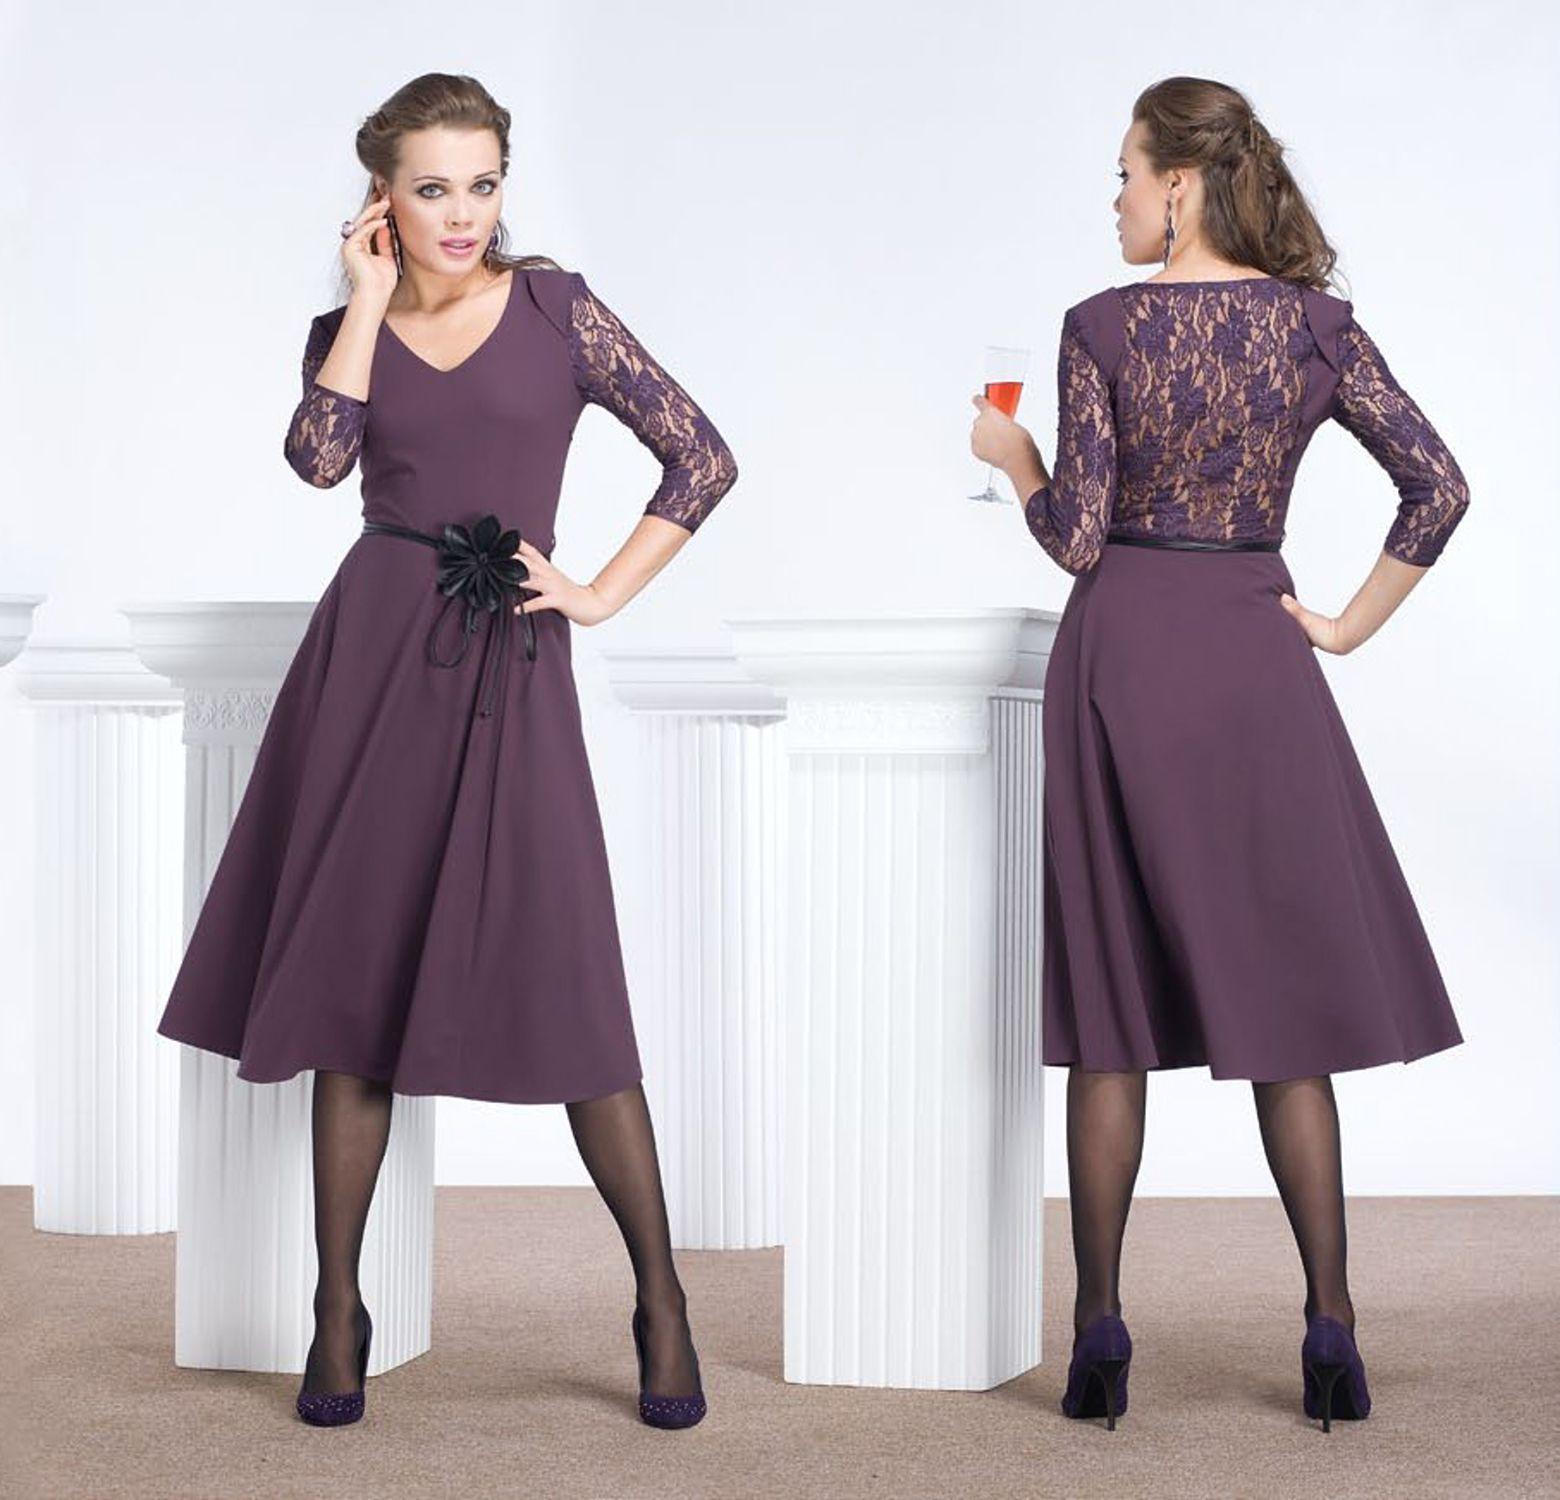 новогодние платья для корпоративов 2015 года